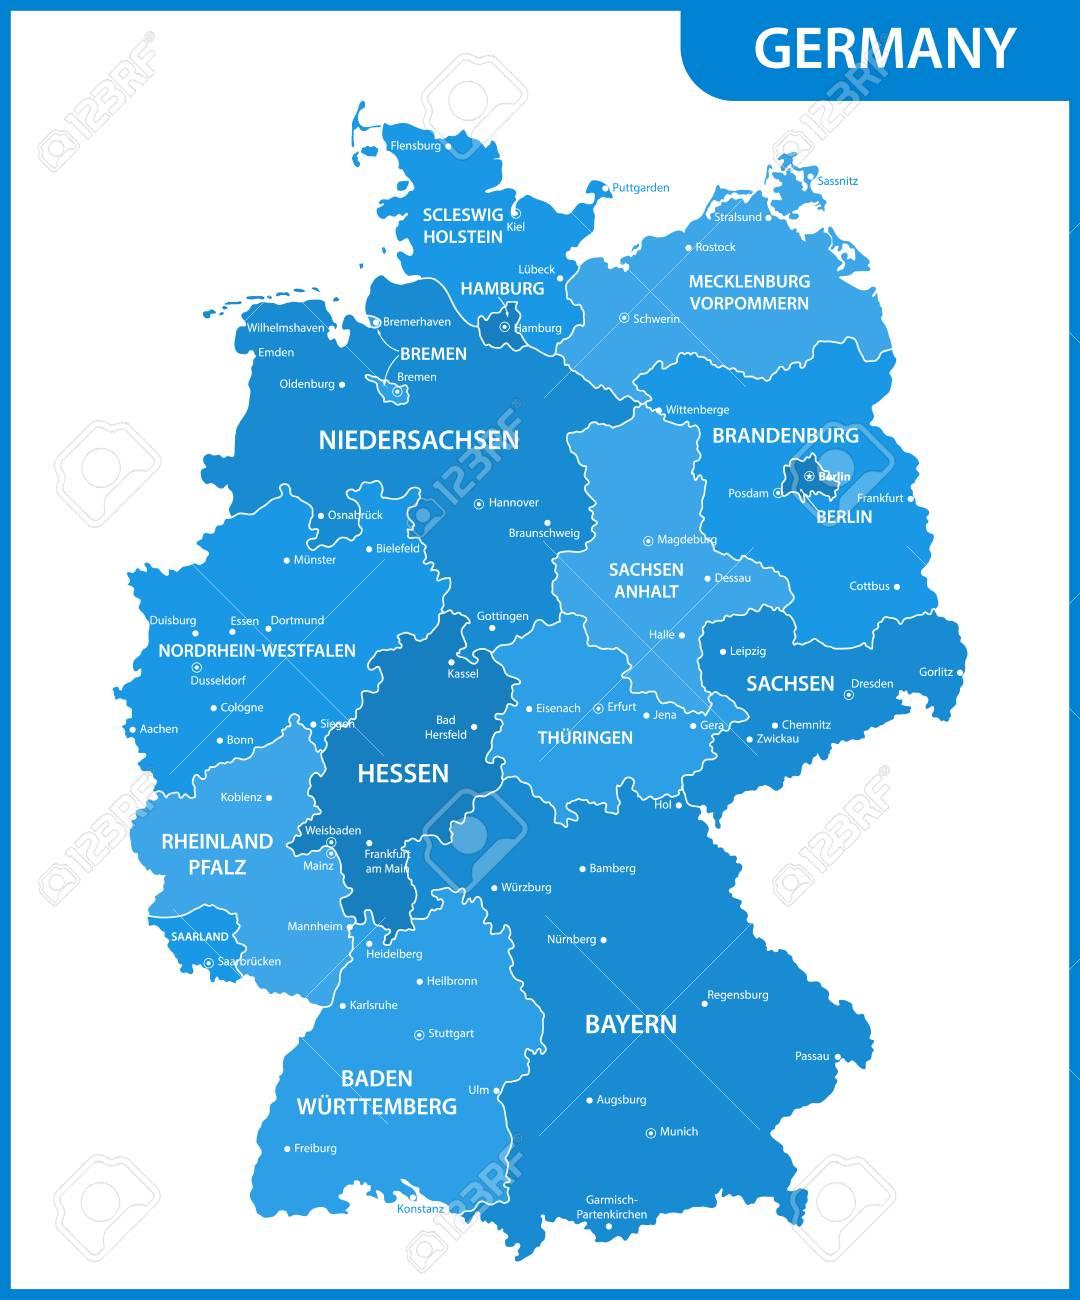 regionen in deutschland karte Die Detaillierte Karte Des Deutschland Mit Regionen Oder Staaten